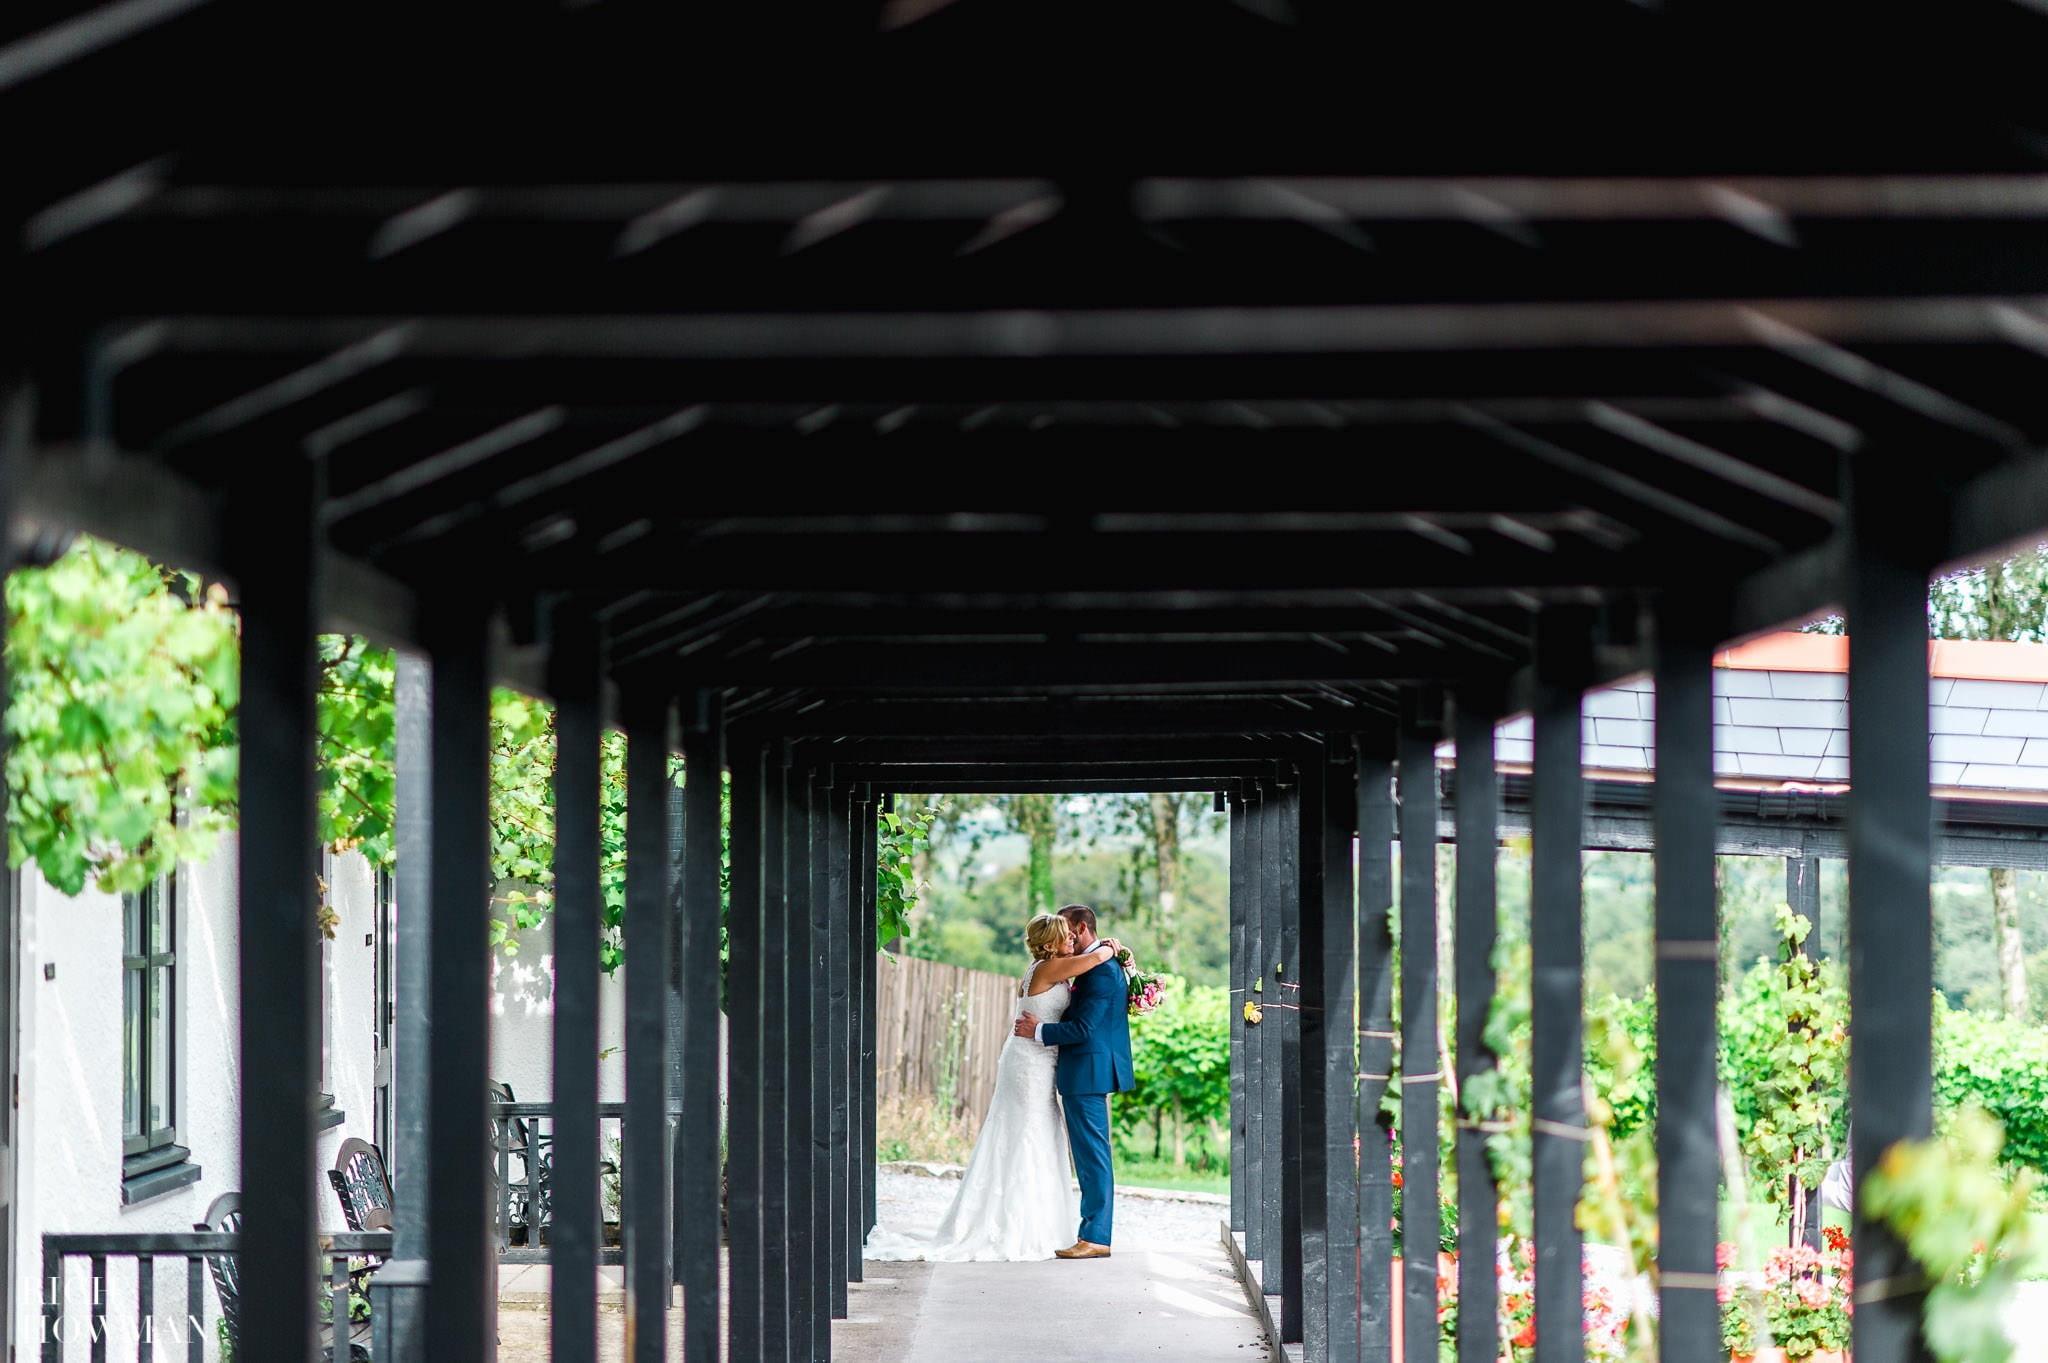 Llanerch Vineyard Wedding Photography by Rich Howman 49